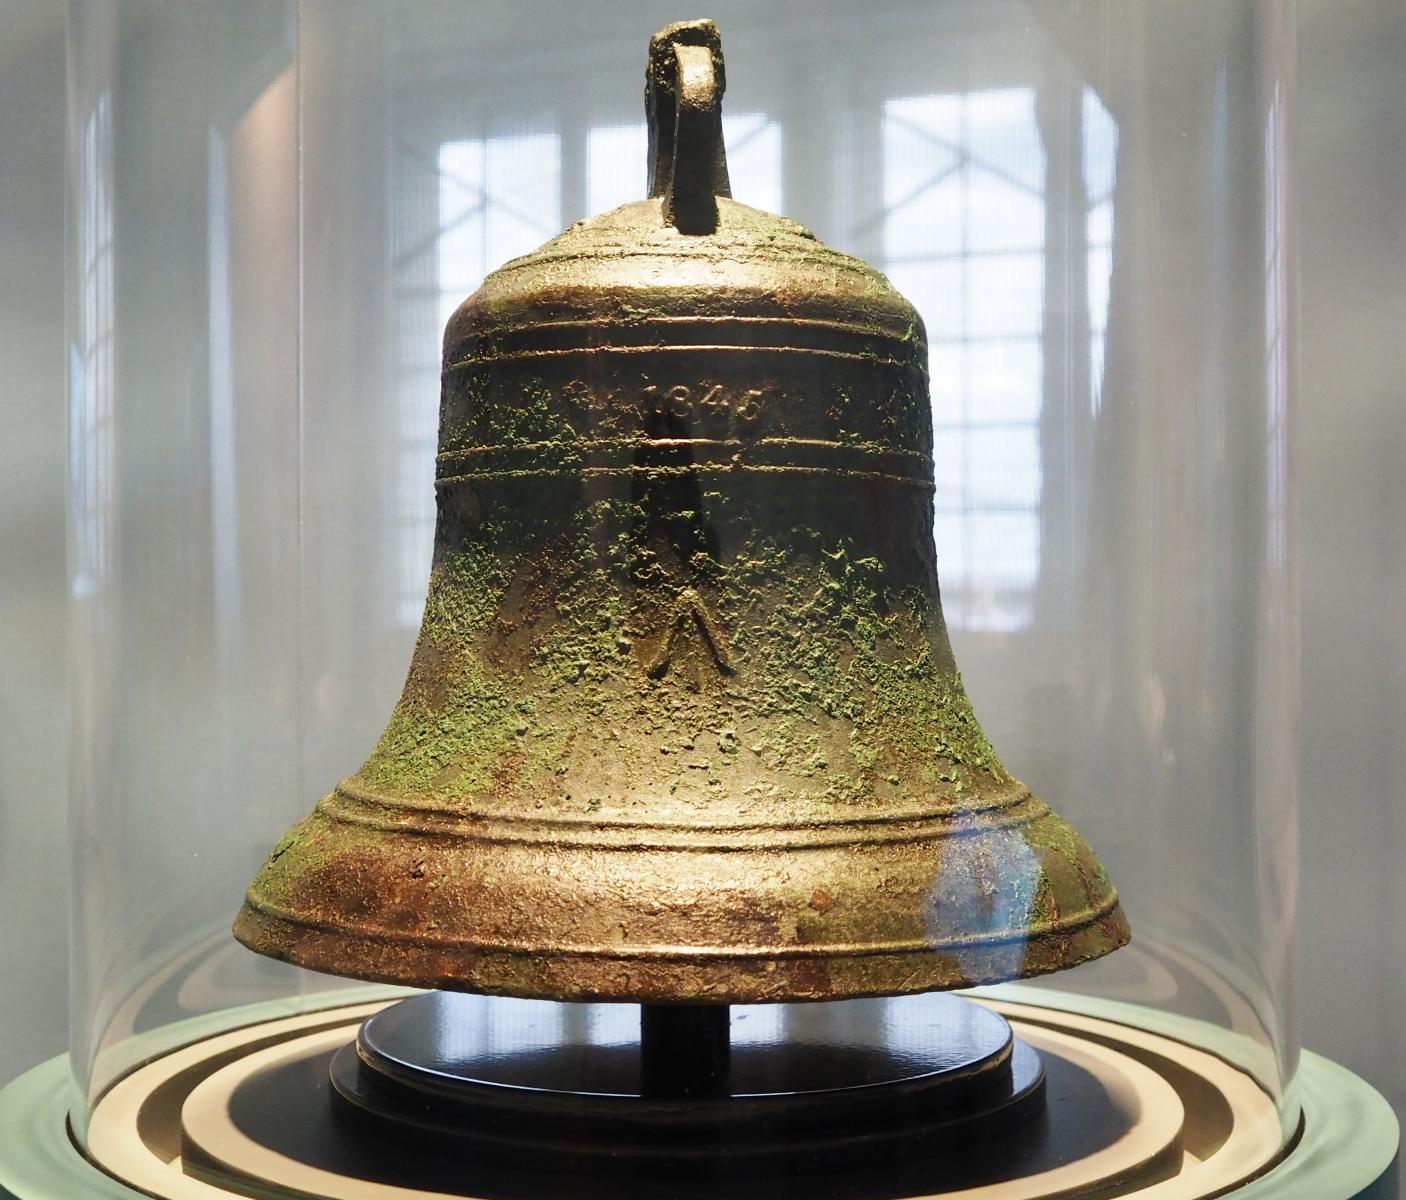 Velocità datazione singola campana incontri Teddington